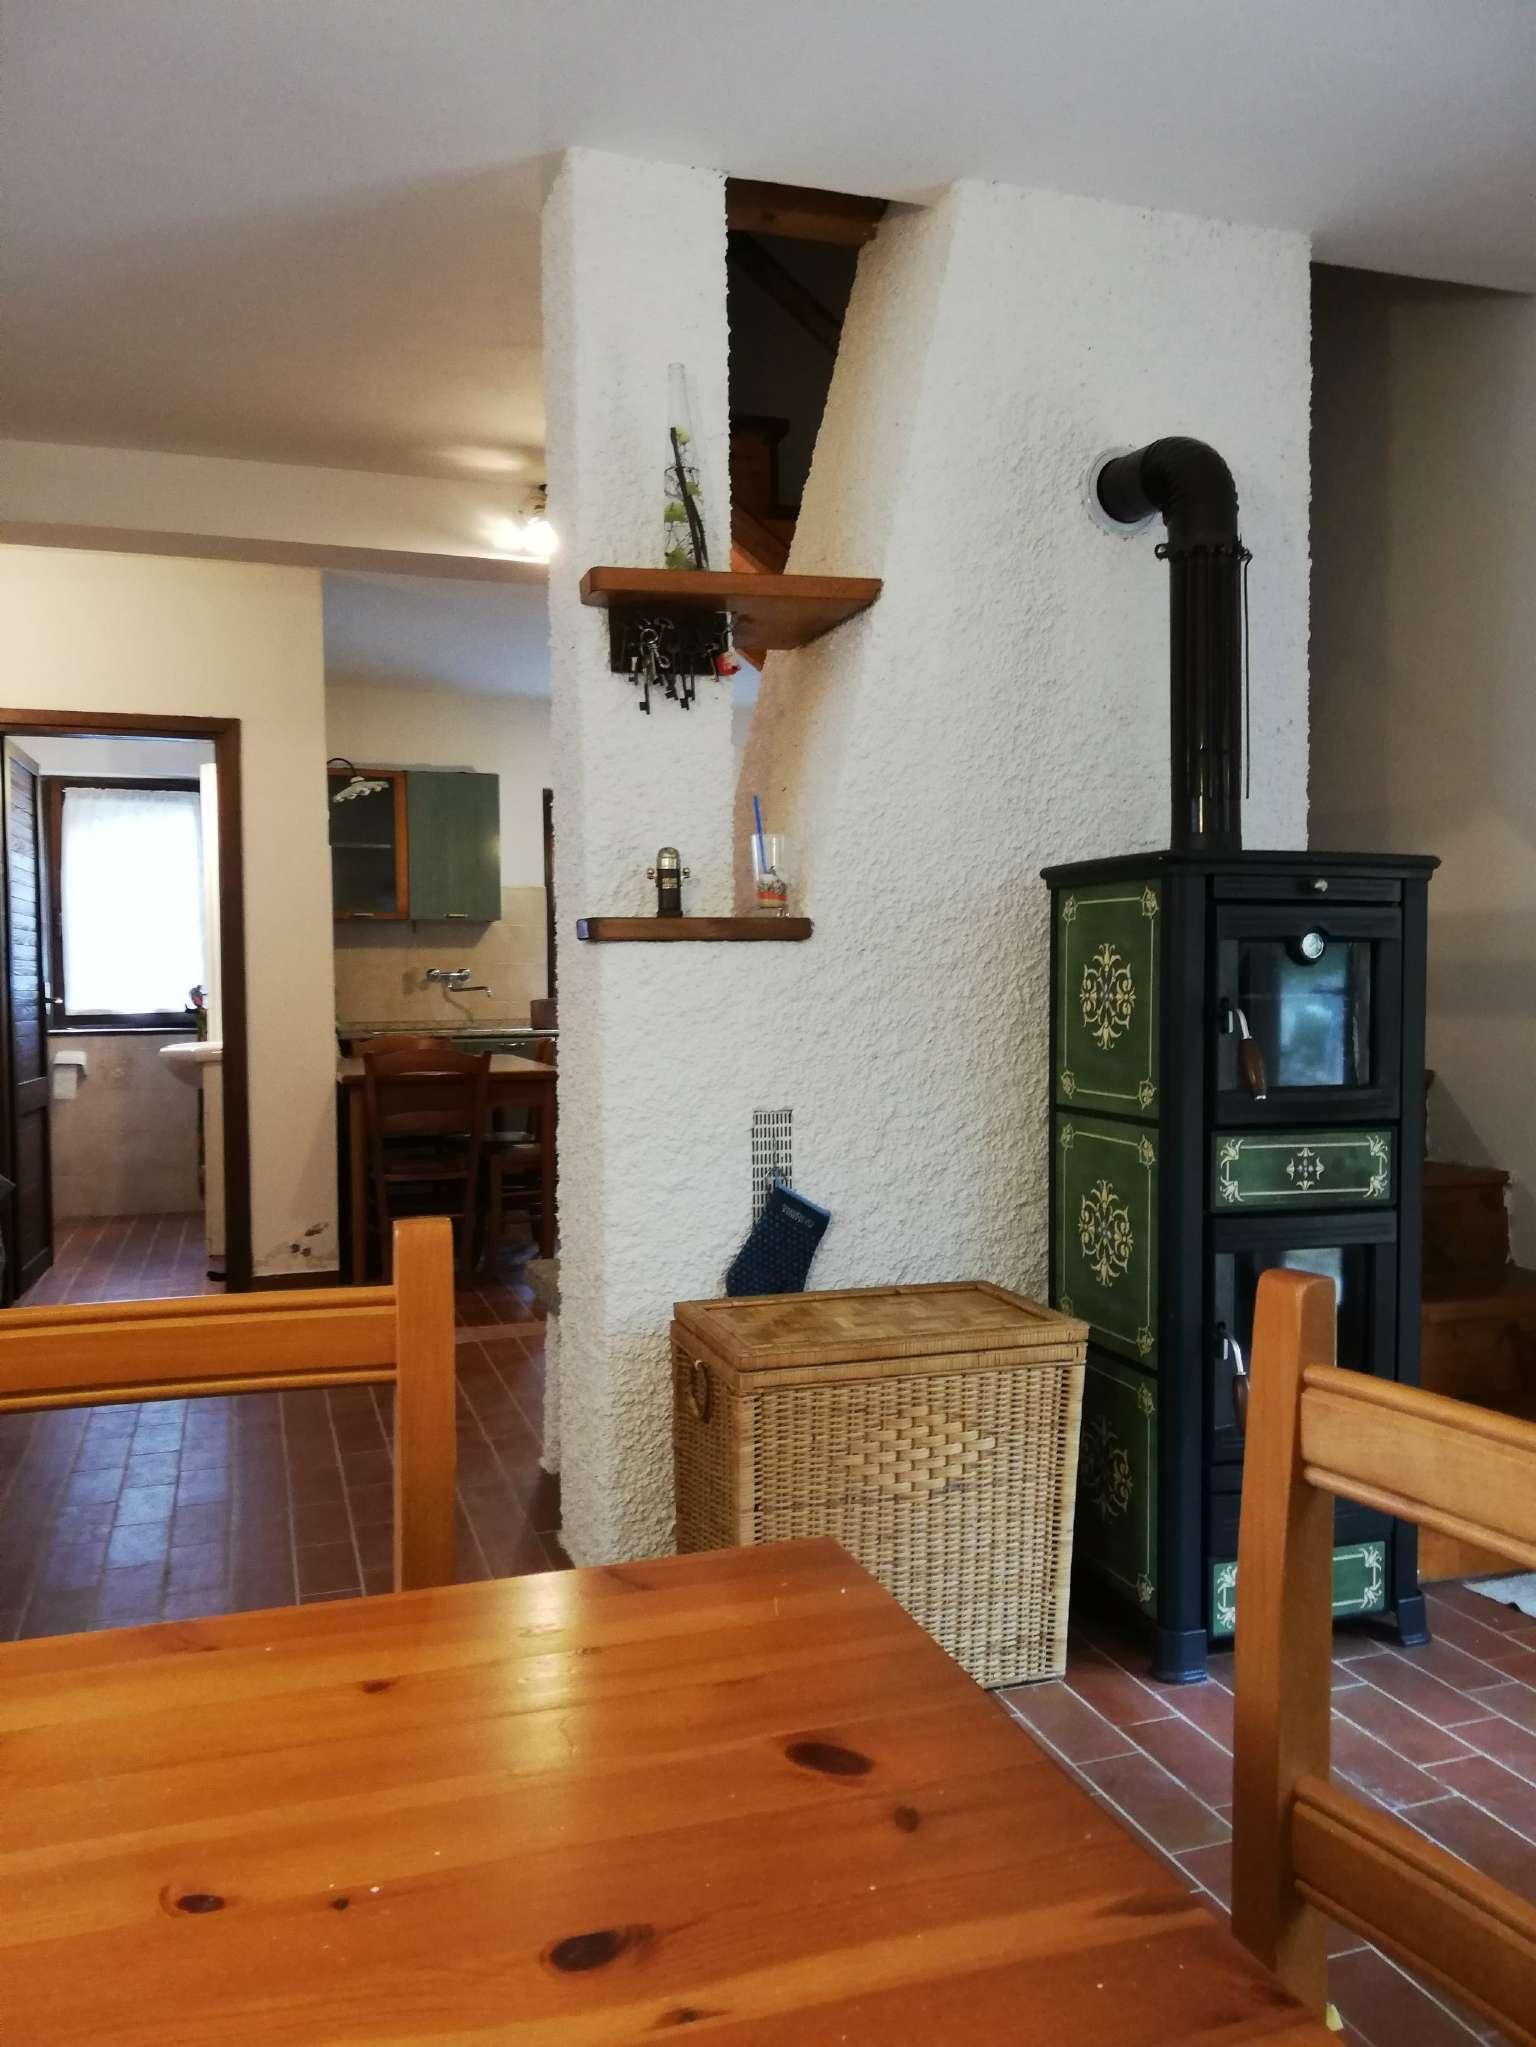 Villa in vendita a Bellagio, 3 locali, prezzo € 189.000 | PortaleAgenzieImmobiliari.it